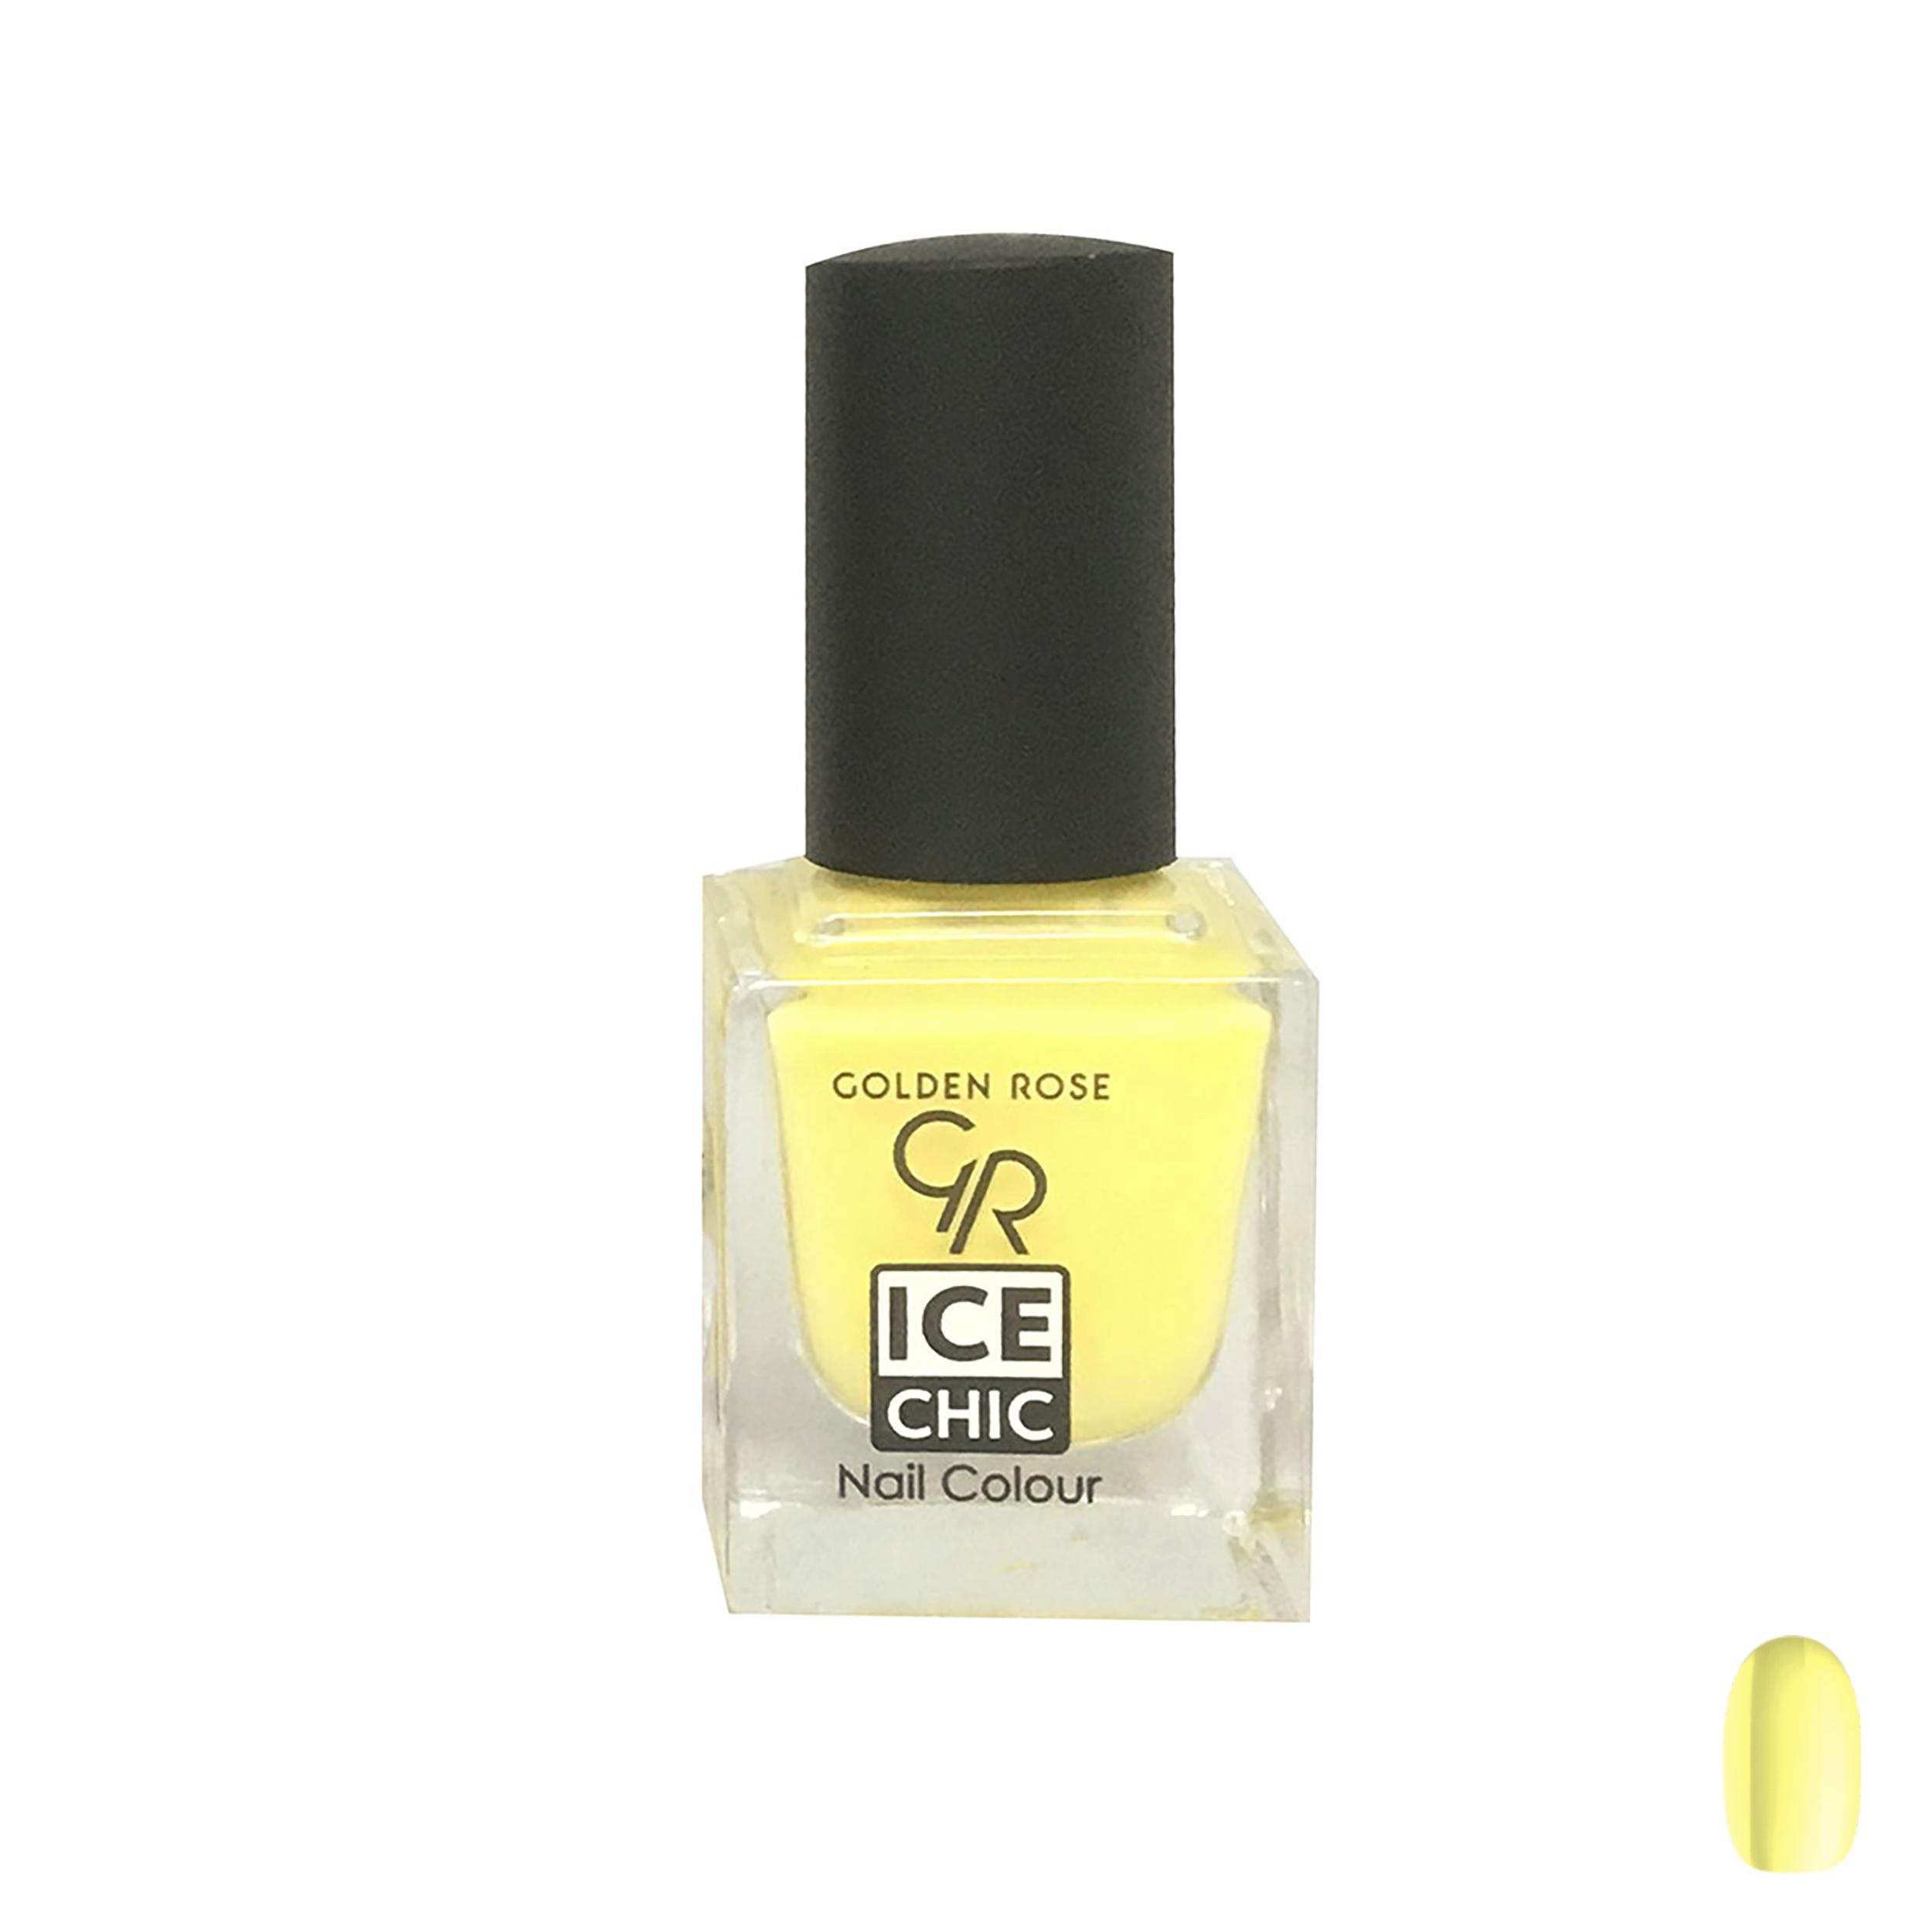 لاک ناخن گلدن رز مدل Ice chic شماره 85